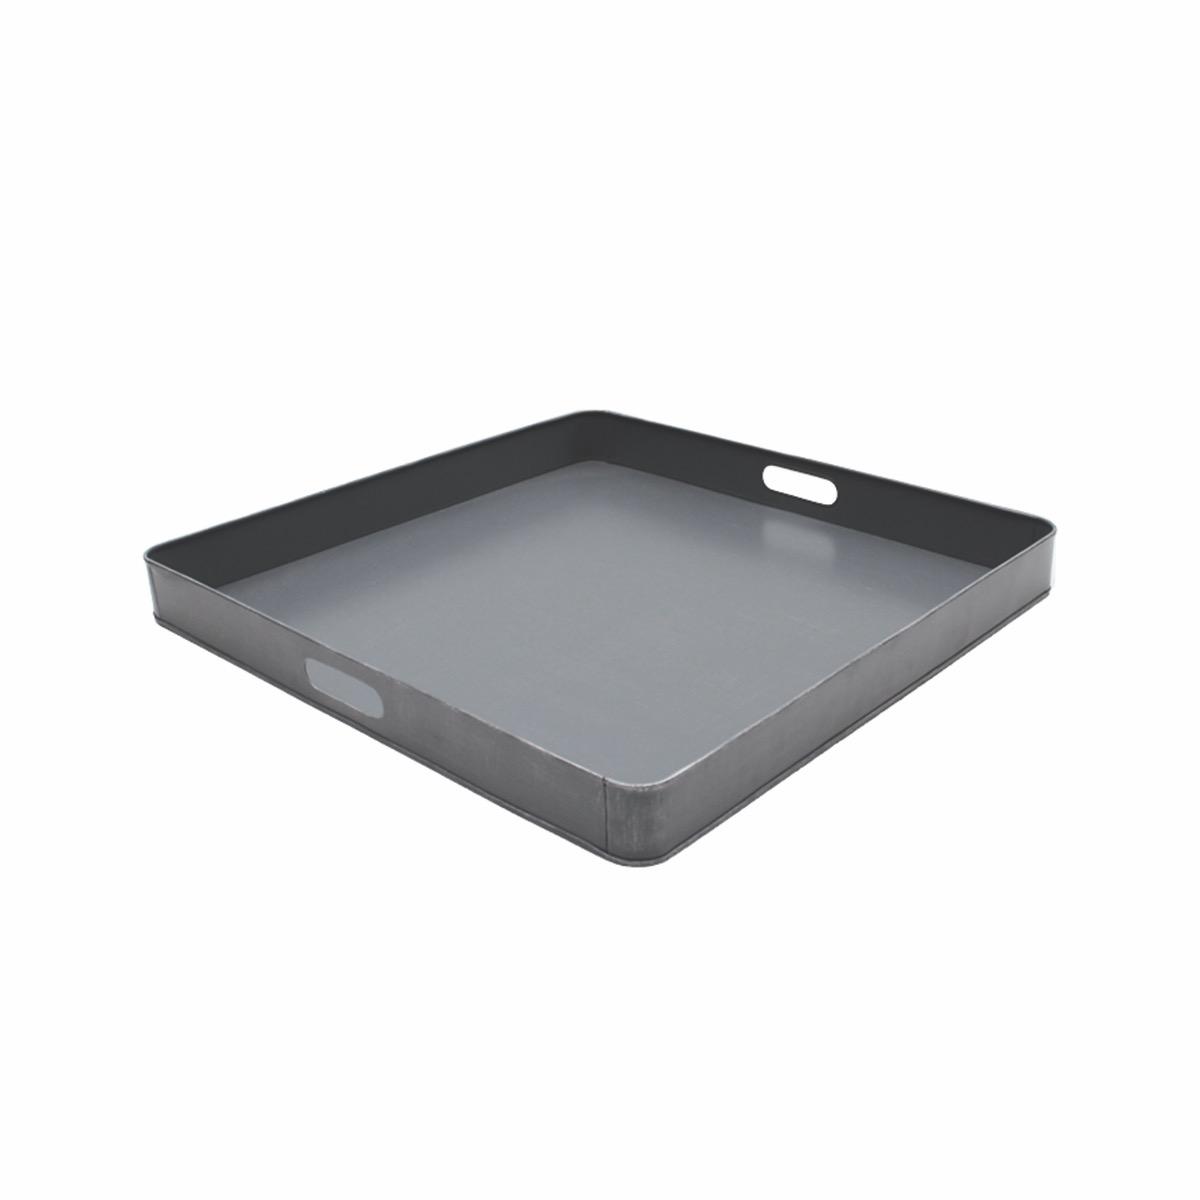 Tray - Antiek grijs - Metaal - 75 cm